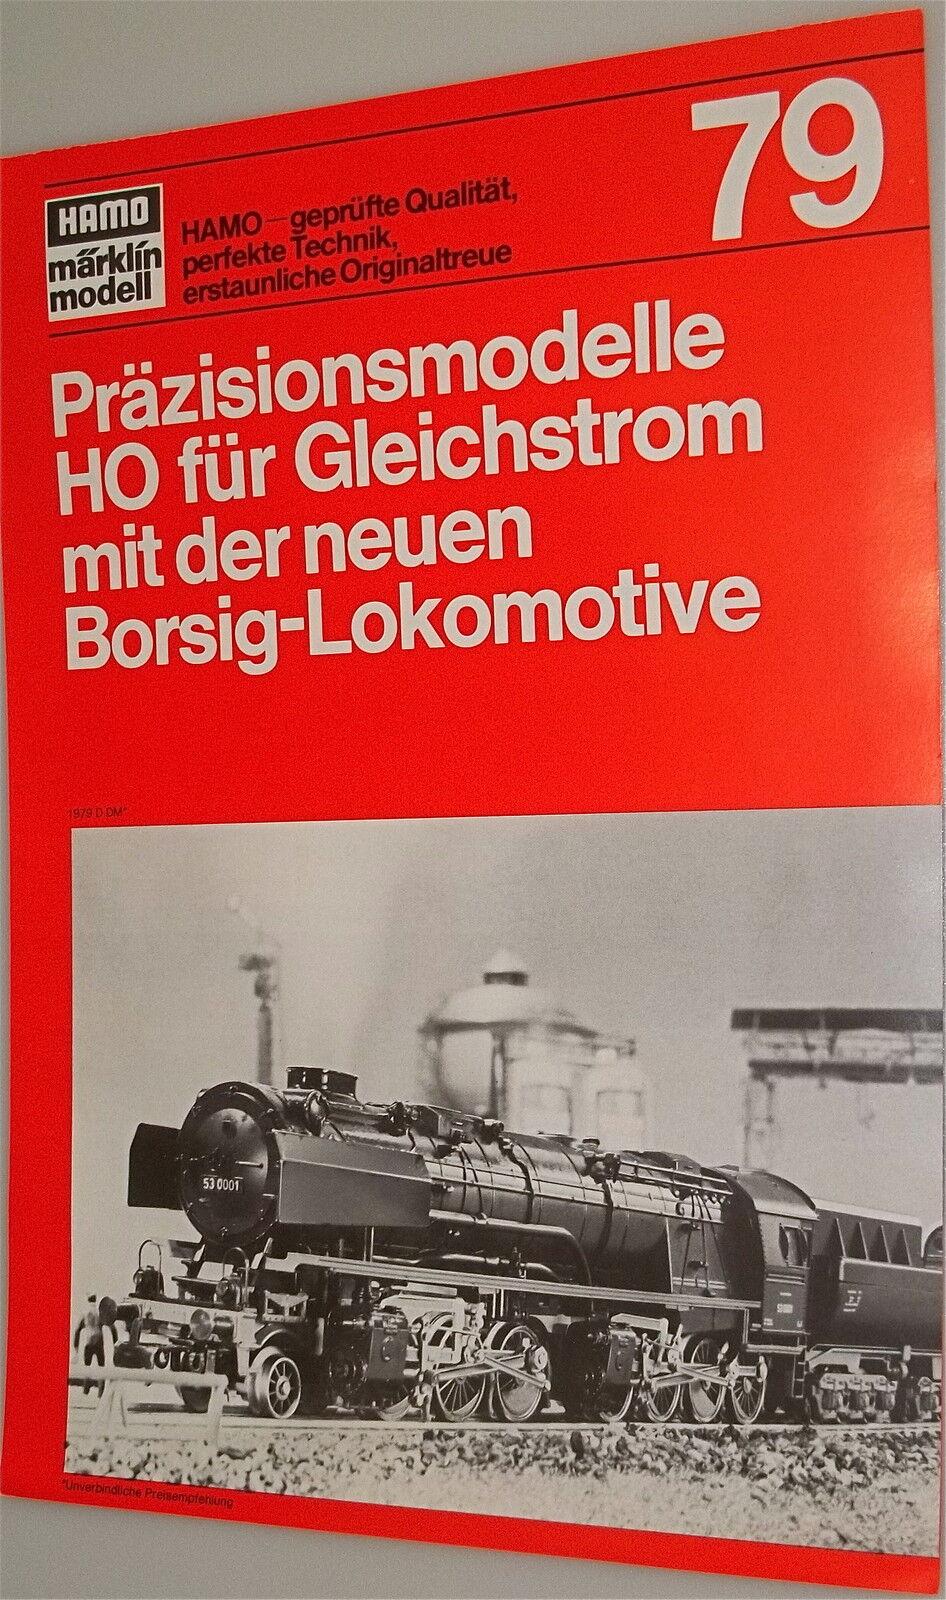 Hamo Katalog Nouvelle Fiche Produit Märklin 1979 Bon Jusqu'à Très Bien